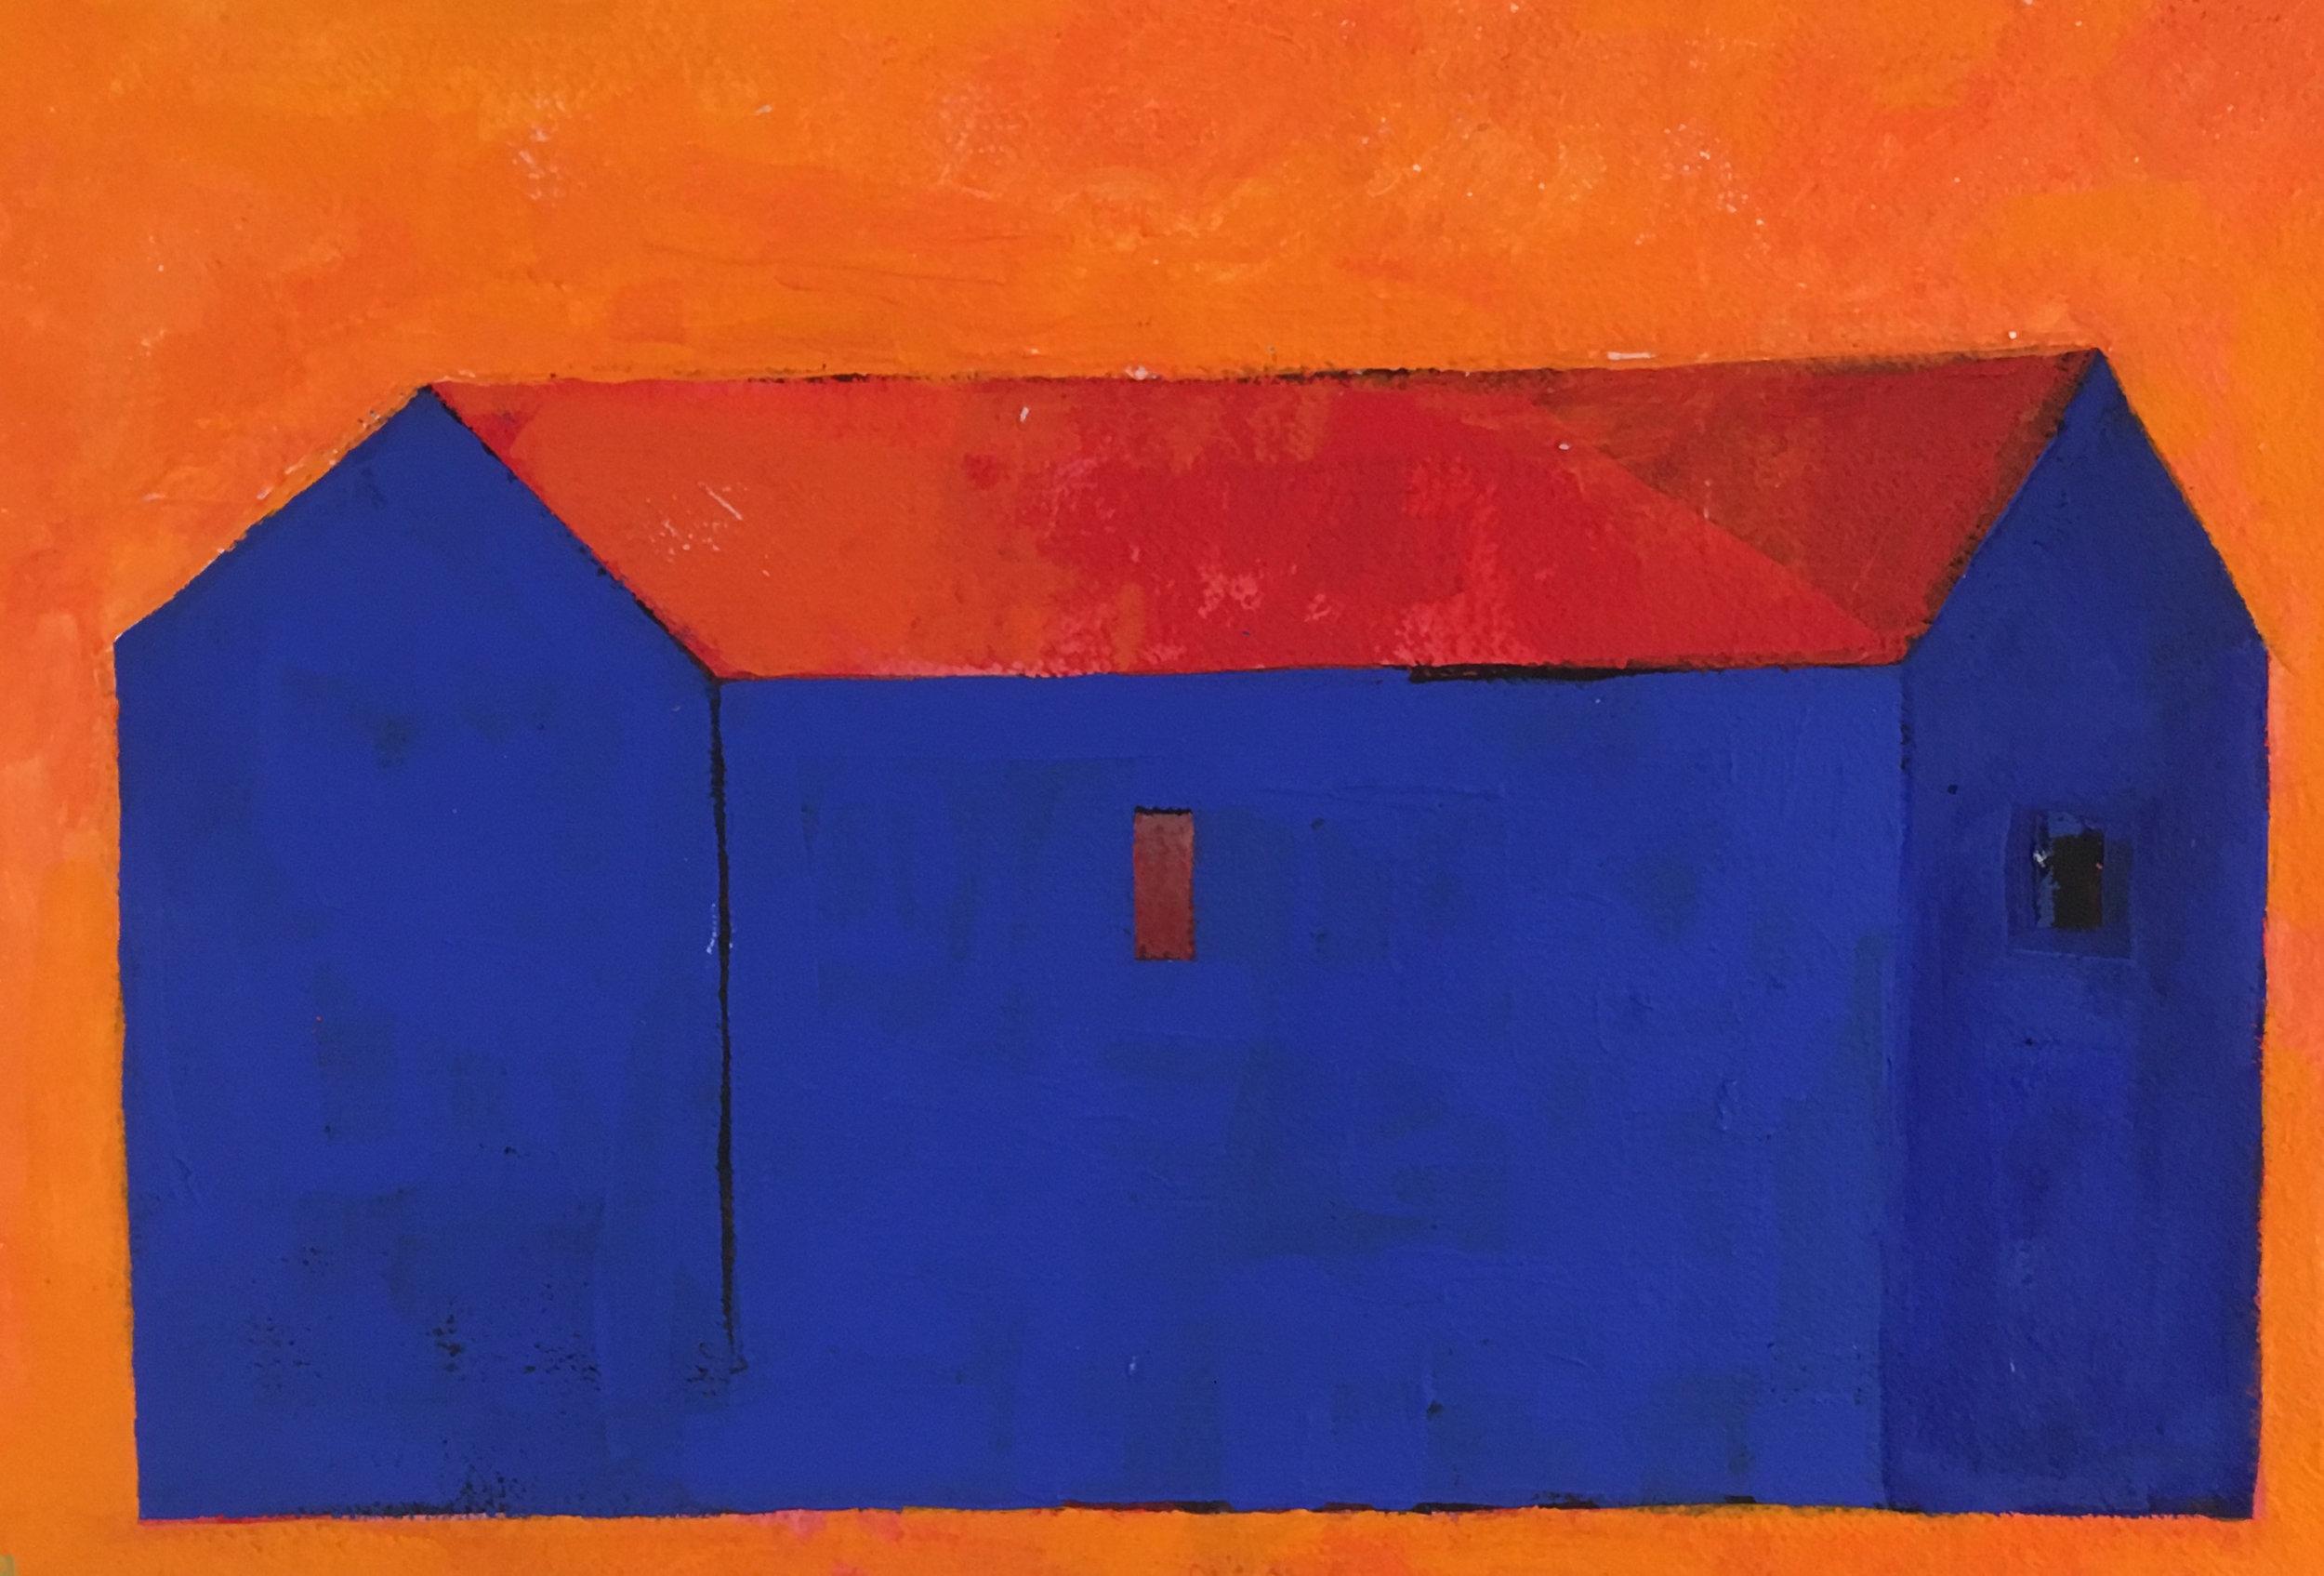 Ia, blått hus orange bakgrund.jpg